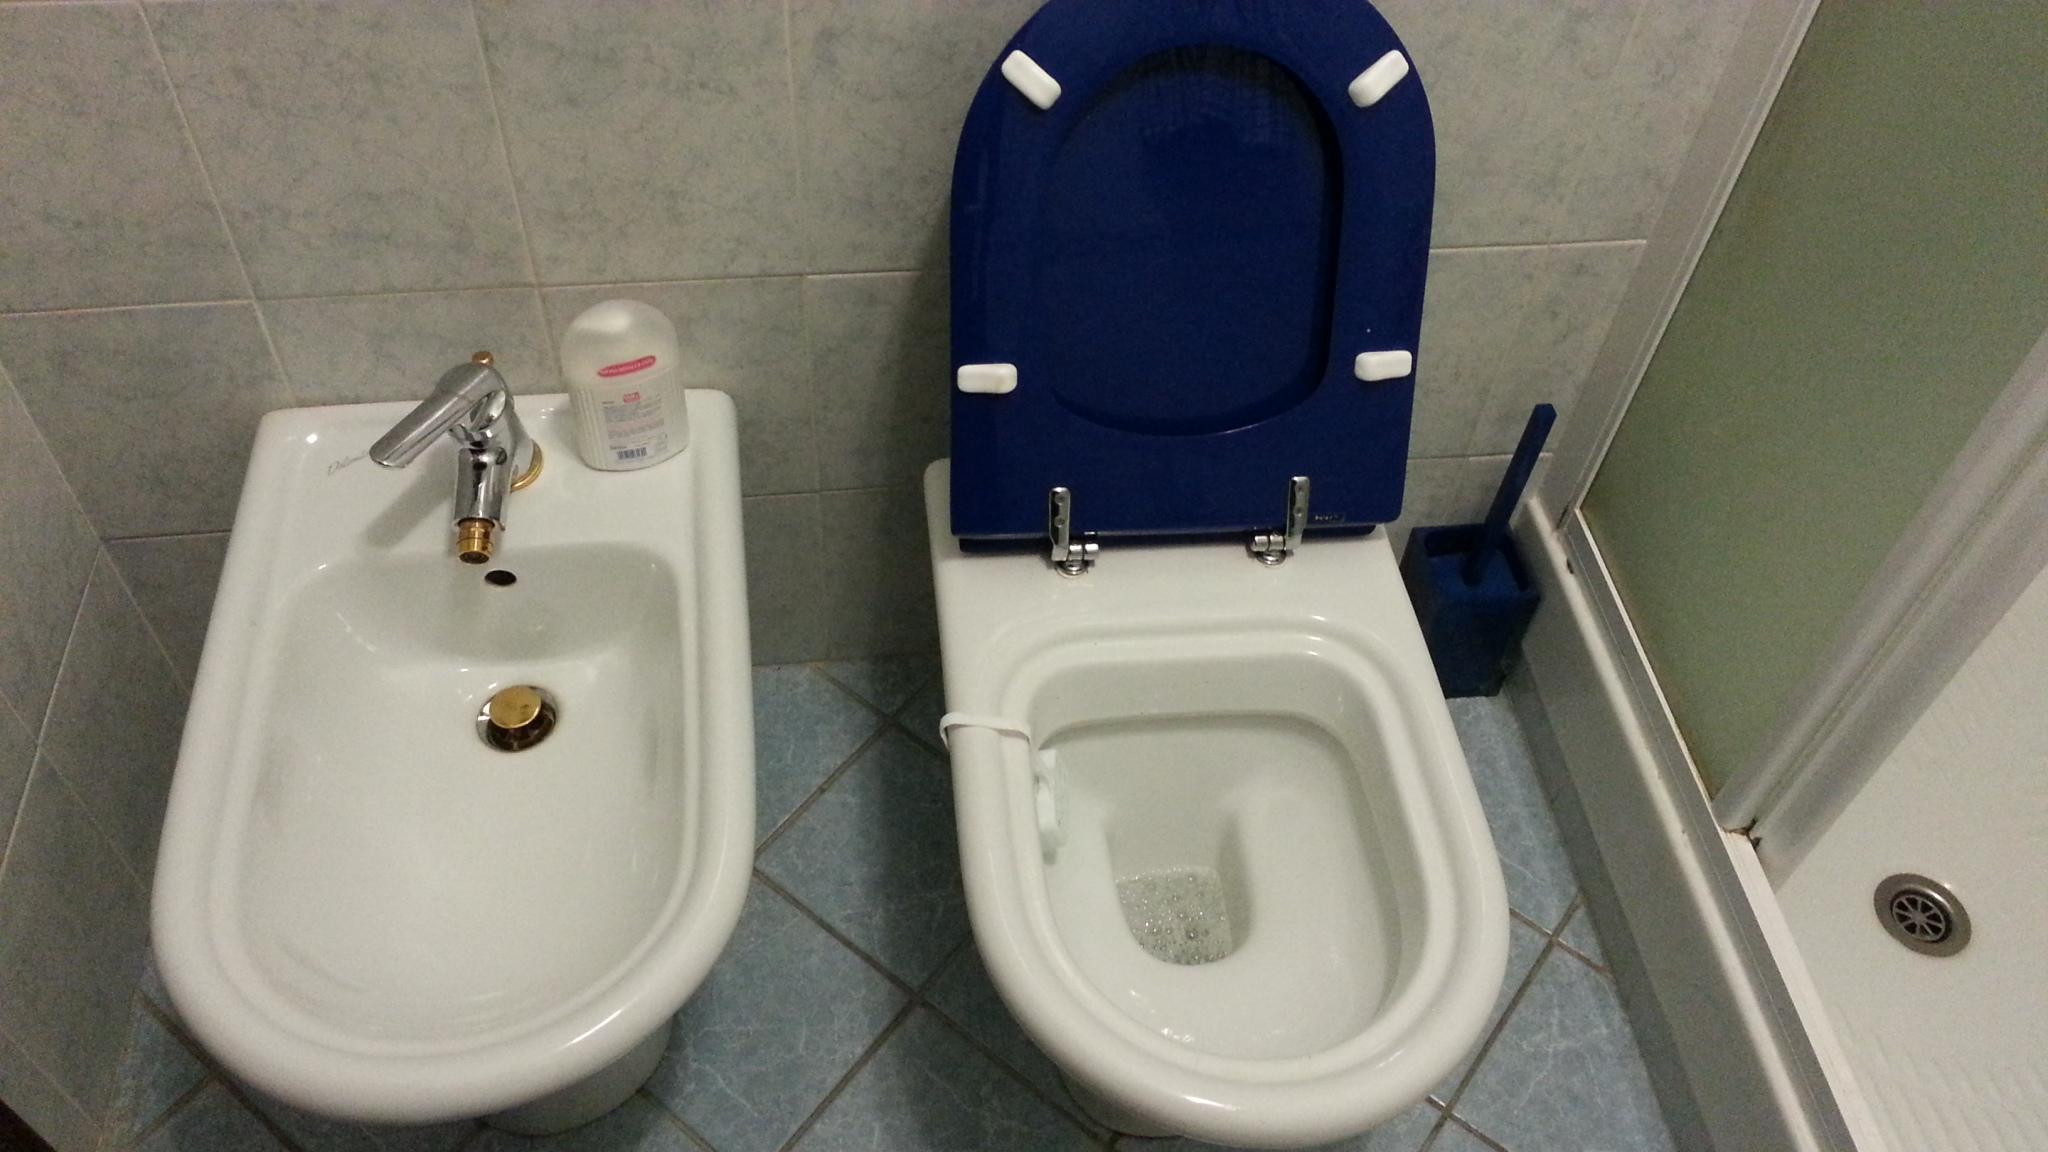 Sedile Wc Dolomite Clodia Originale.Sedile Wc Copriwater Per Modello Clodia Soft Close Marca Dolomite